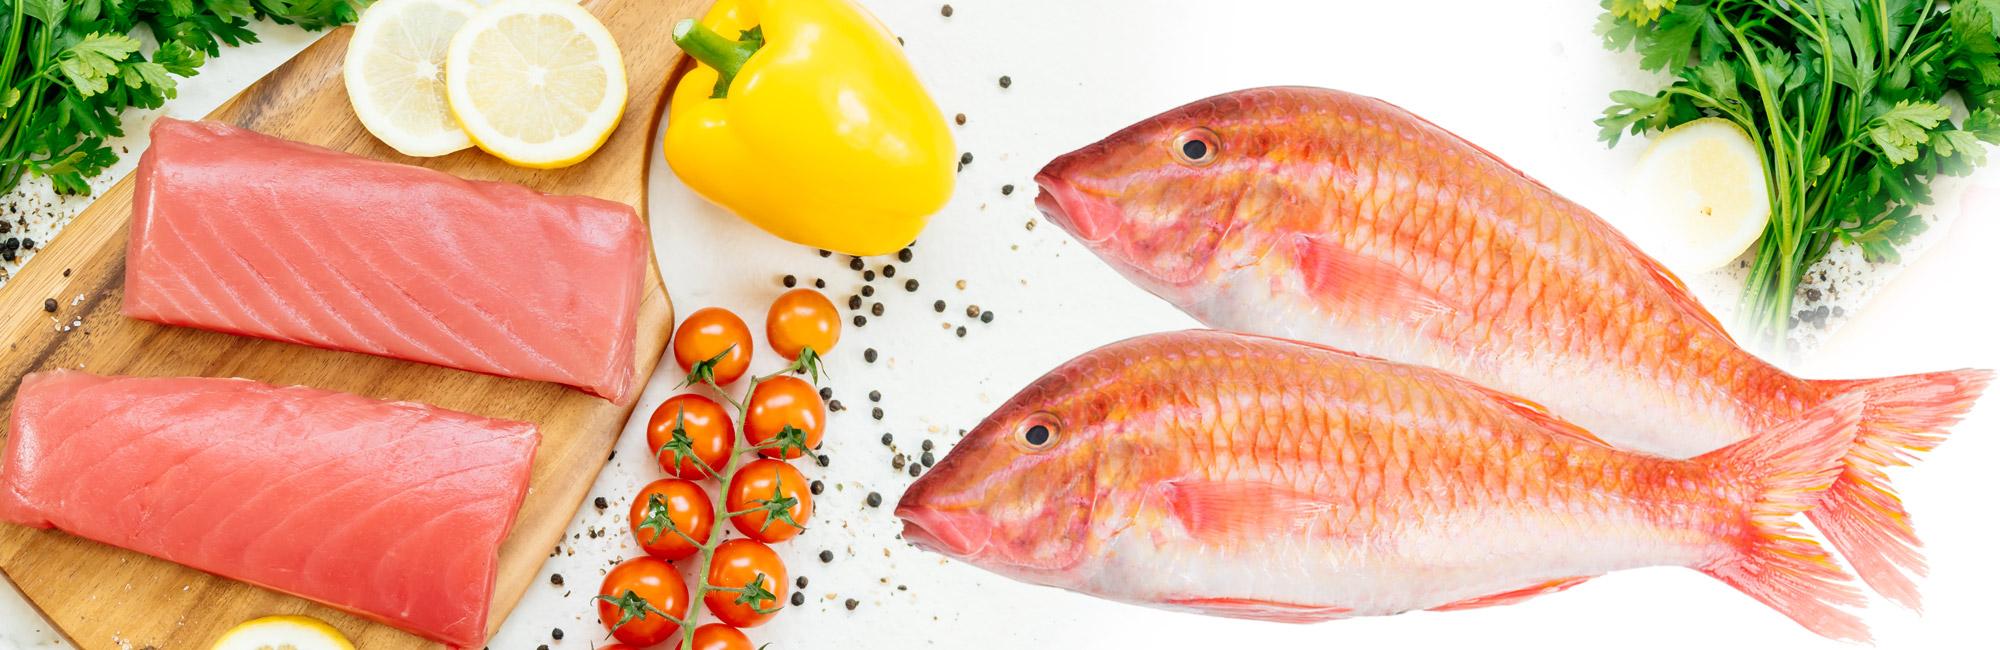 Plateau de saumon, rouget et tomate